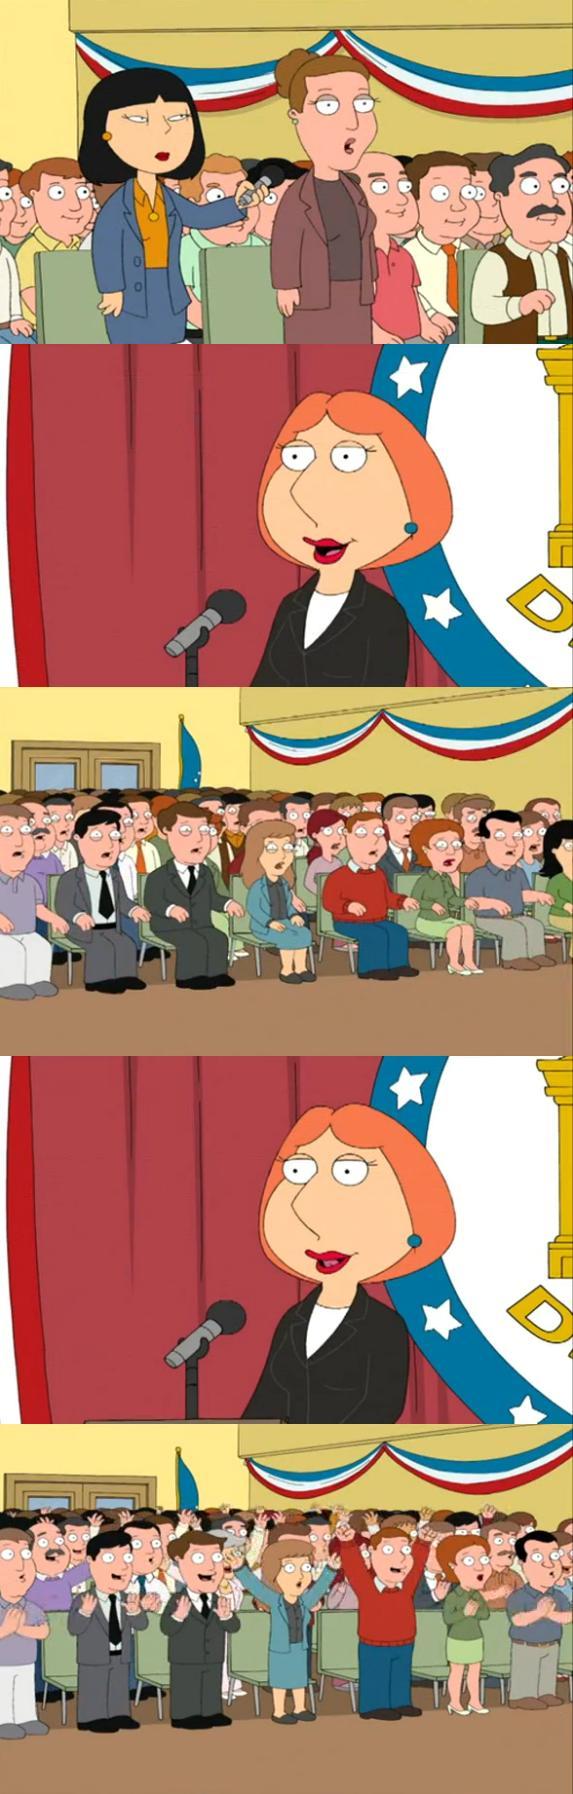 Lois Family Guy Meme : family, Griffin, Latest, Memes, Imgflip